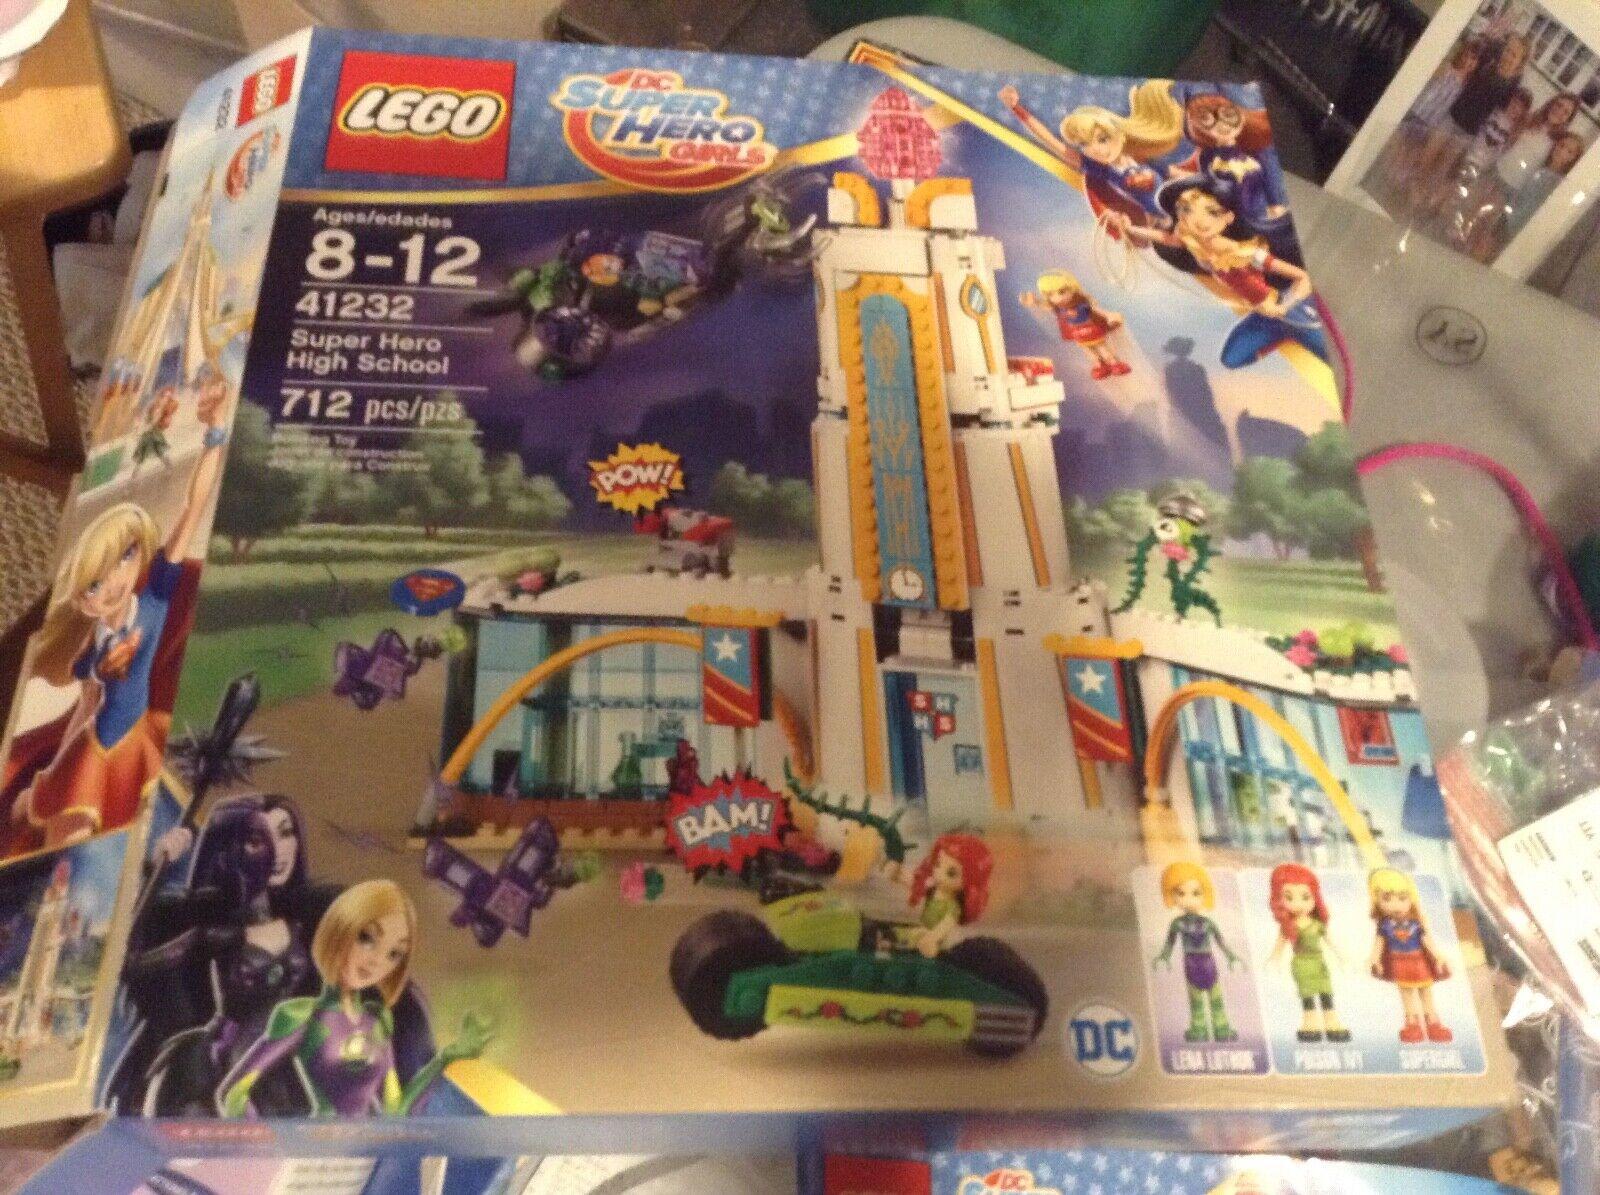 Lego DC súperhero Girls  the súper Hero High escuela kits 41.232